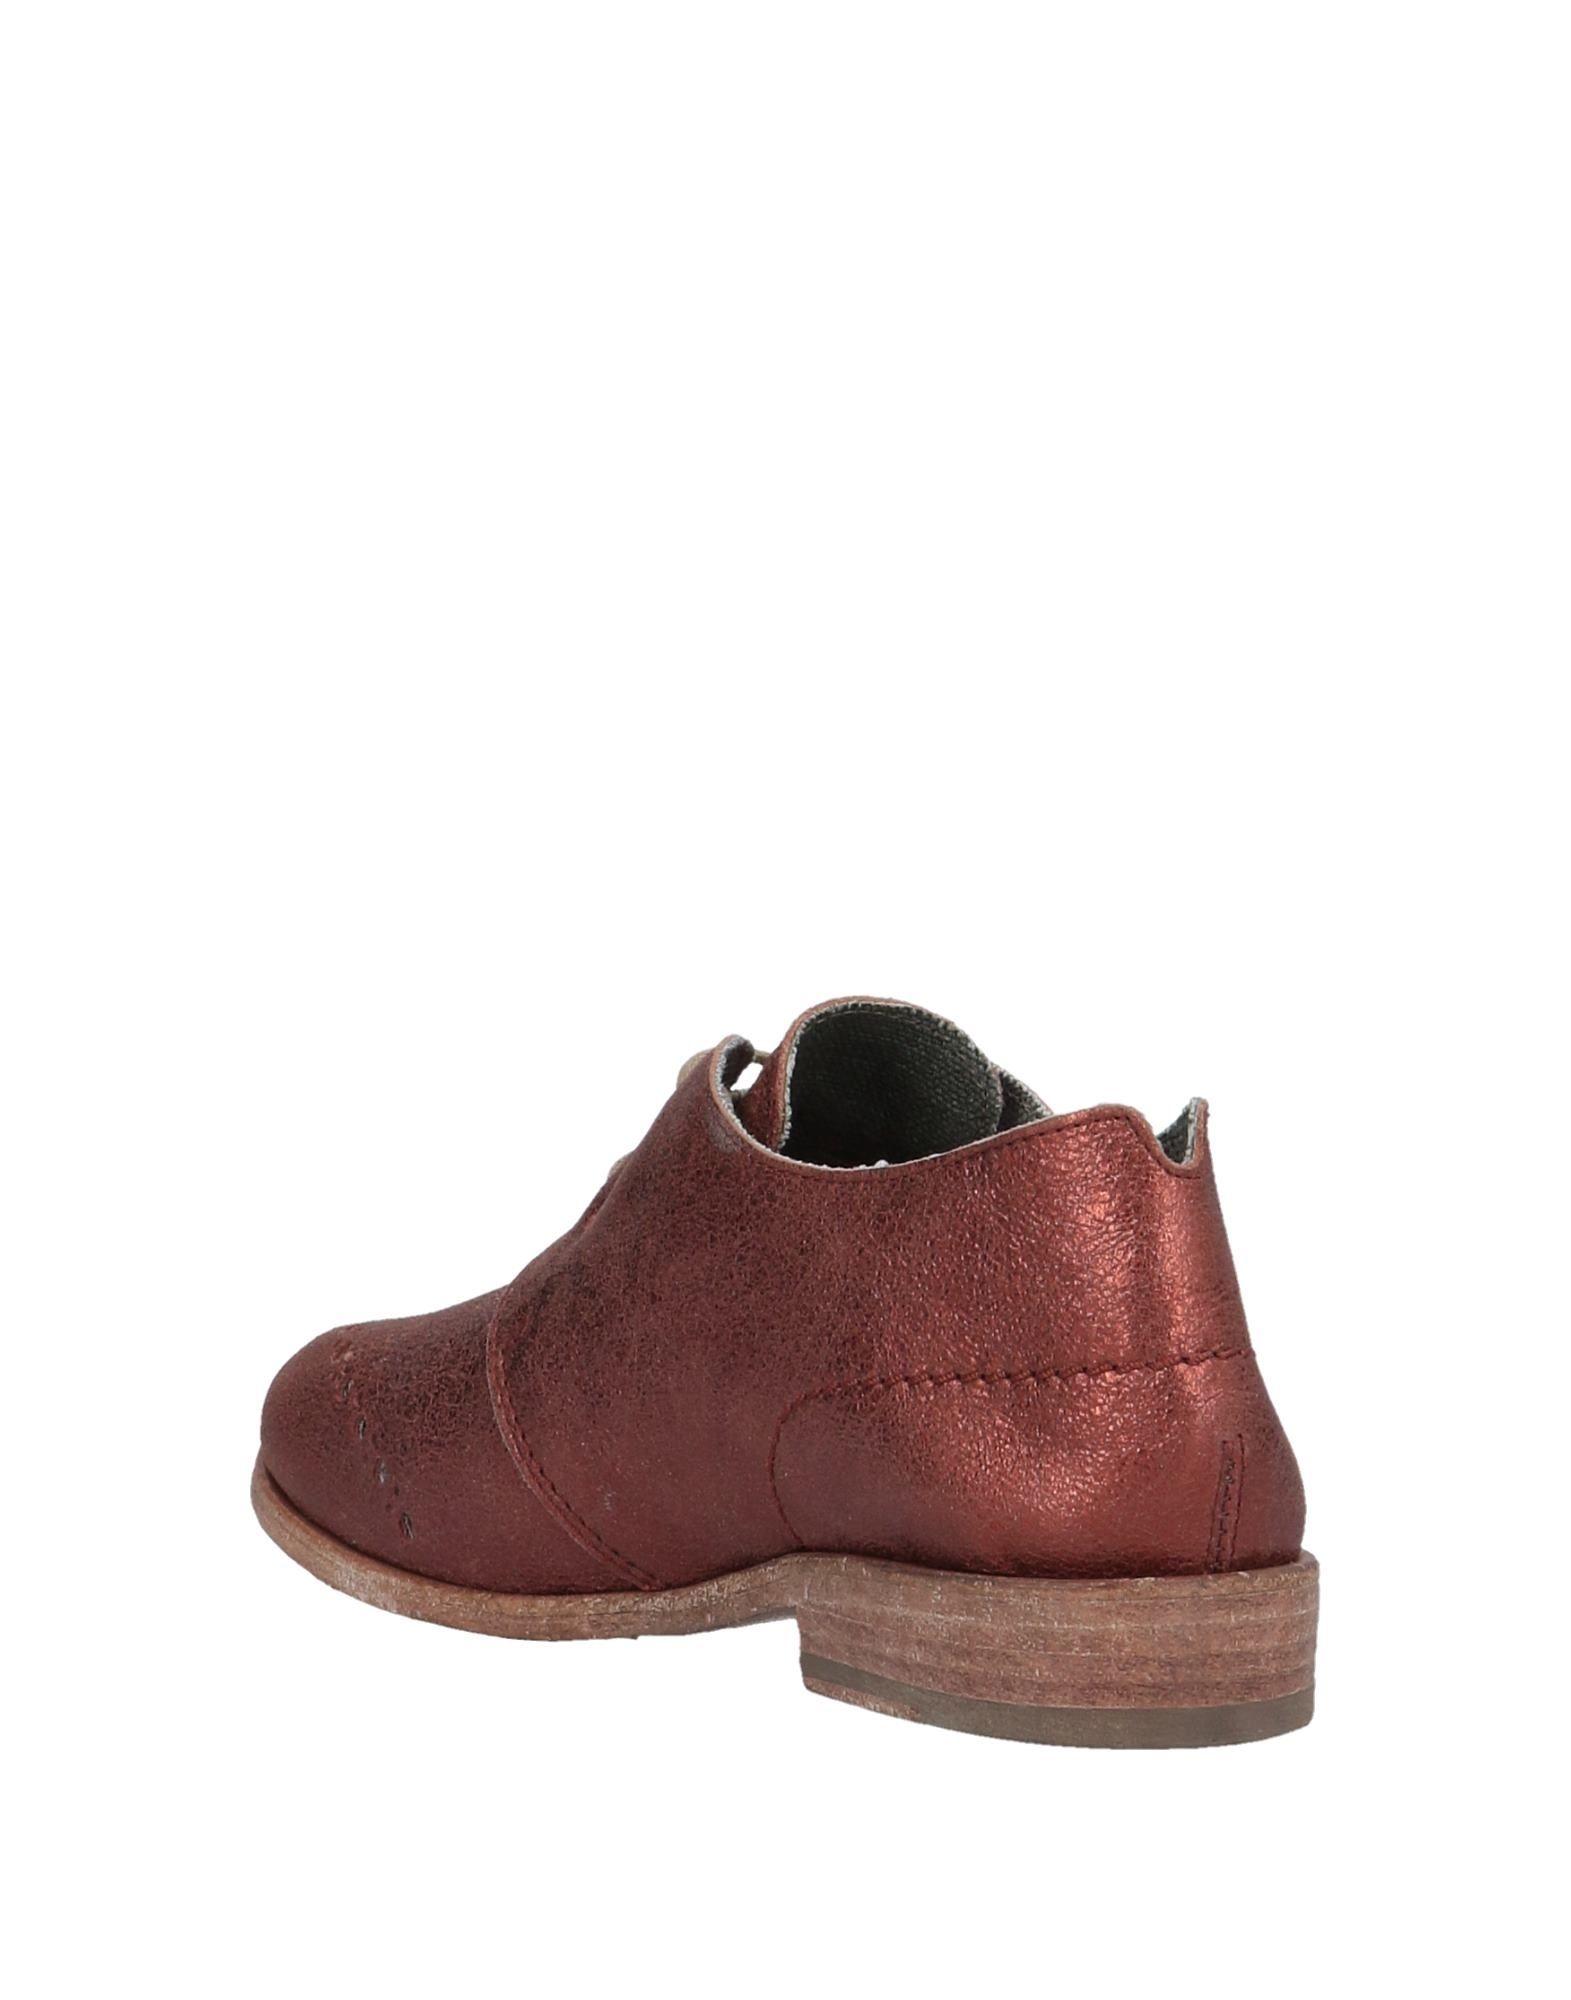 Gut um Schnürschuhe billige Schuhe zu tragenO.X.S. Schnürschuhe um Damen  11561391JB f031a0